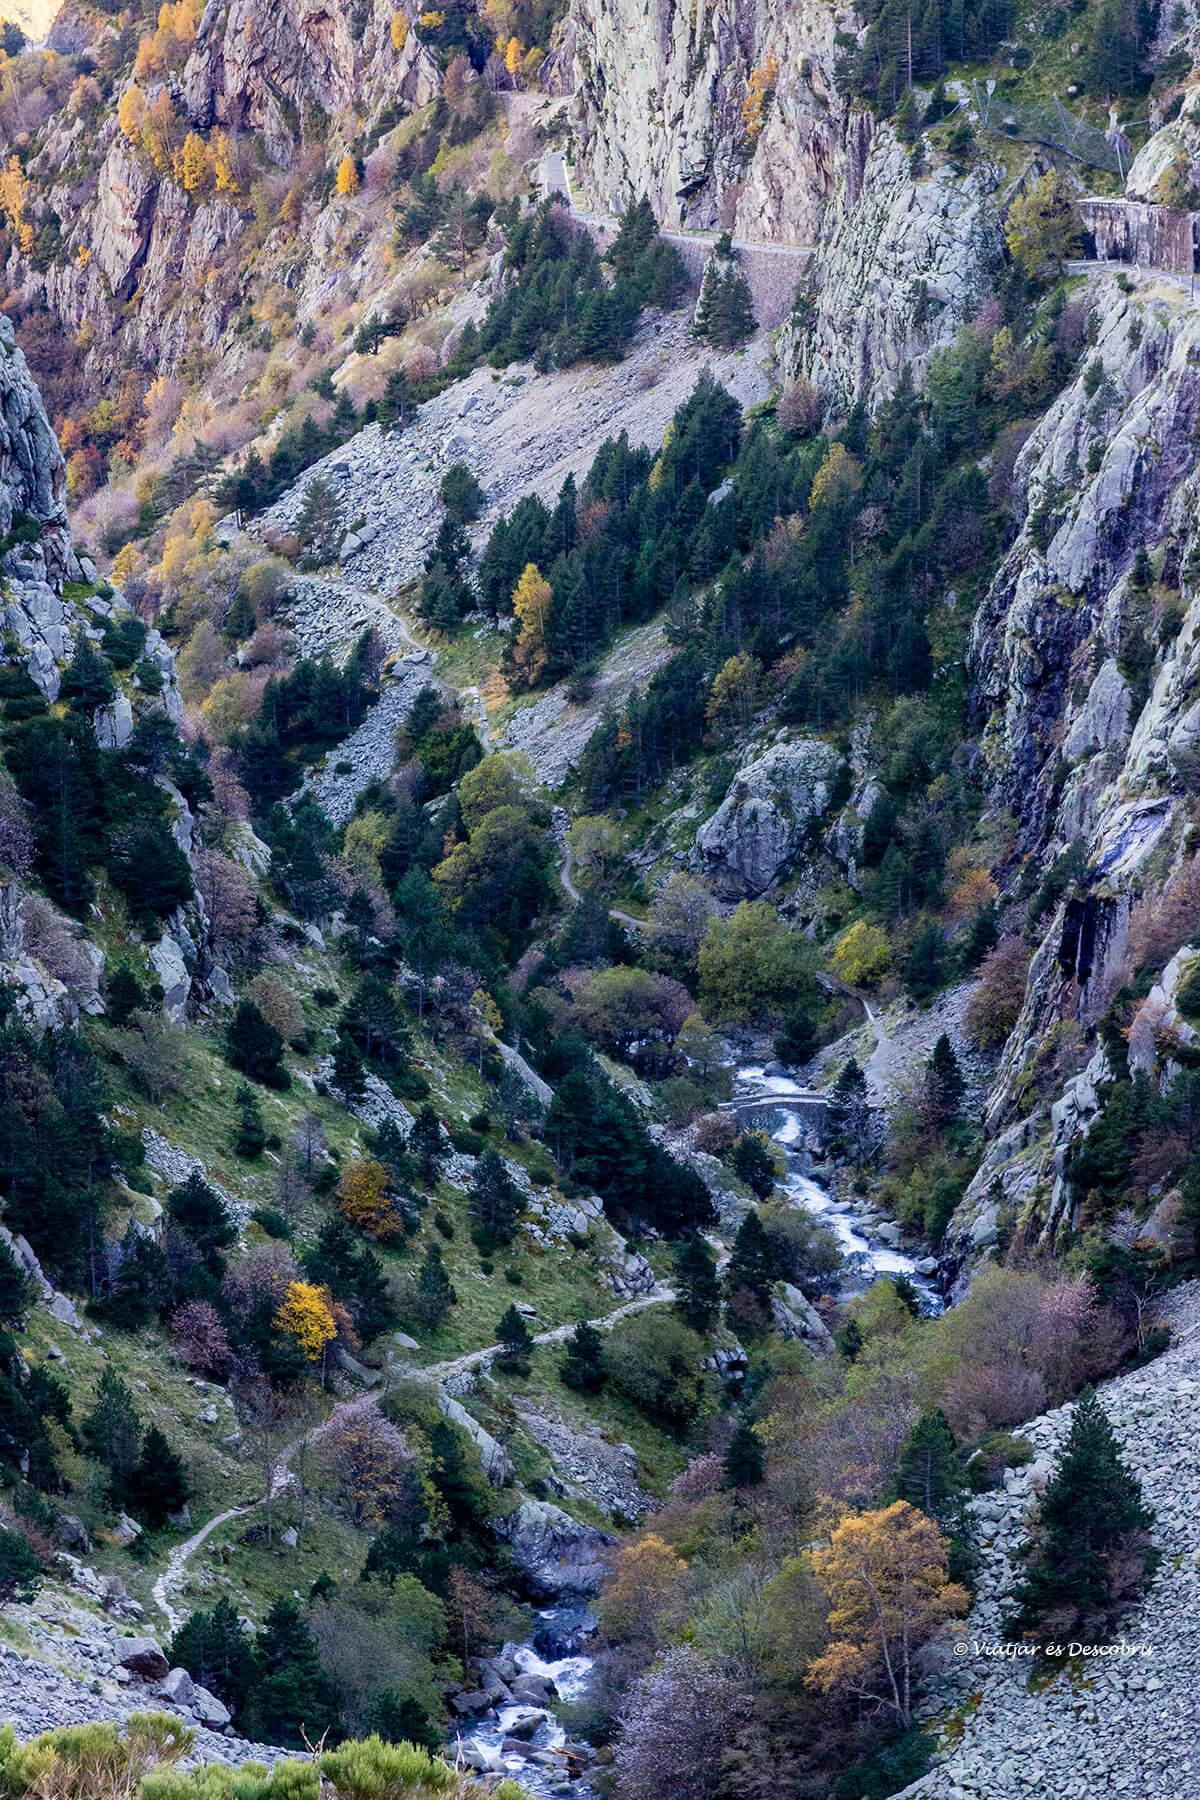 pont cremal excursio des de la vall de nuria